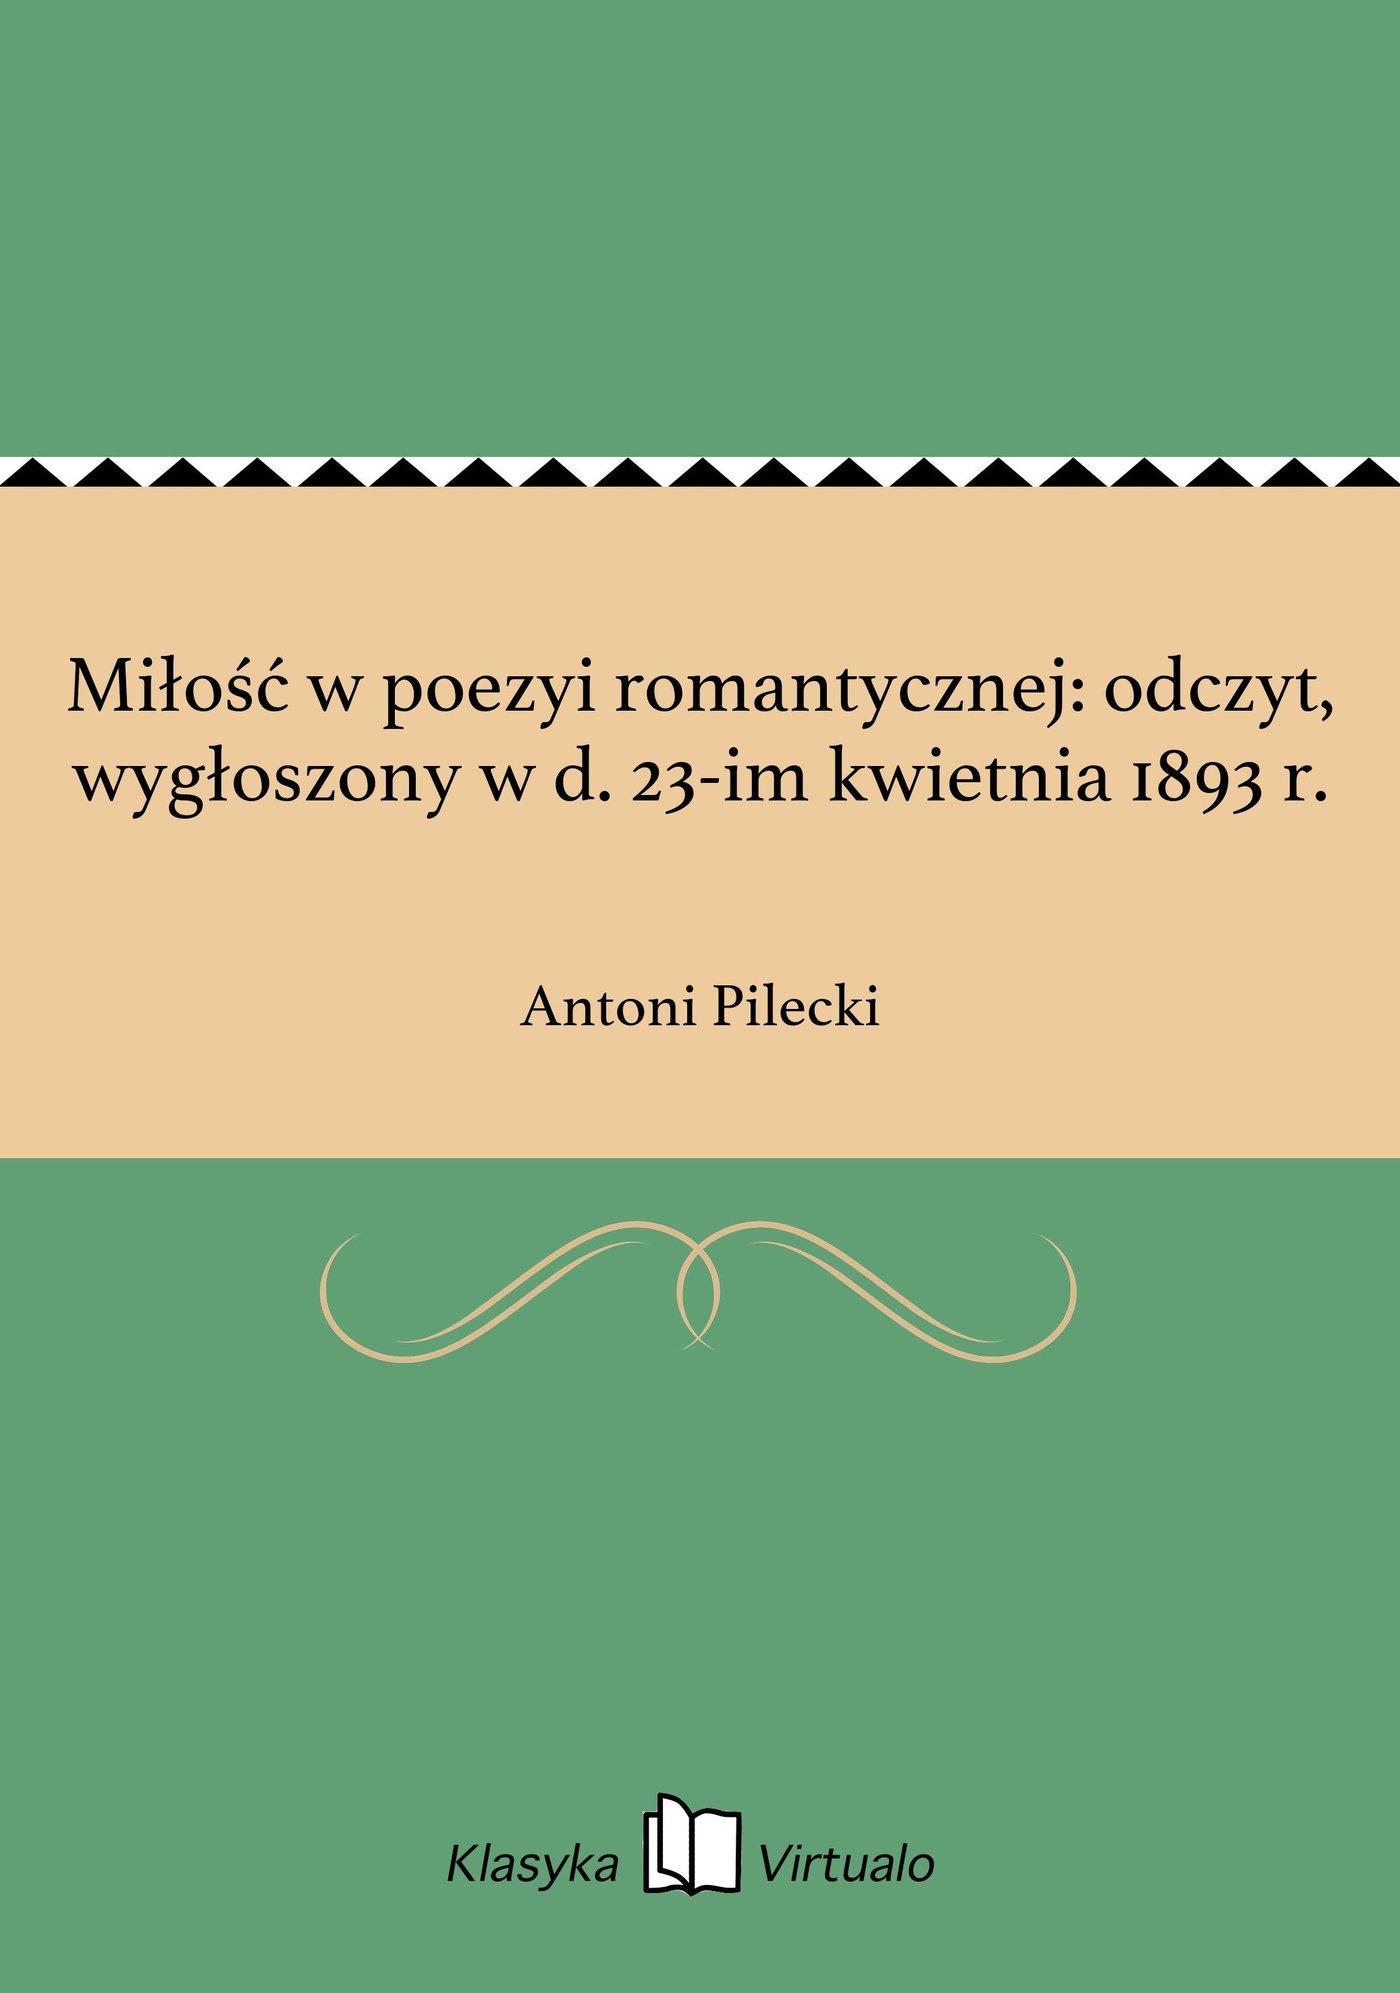 Miłość w poezyi romantycznej: odczyt, wygłoszony w d. 23-im kwietnia 1893 r. - Ebook (Książka EPUB) do pobrania w formacie EPUB